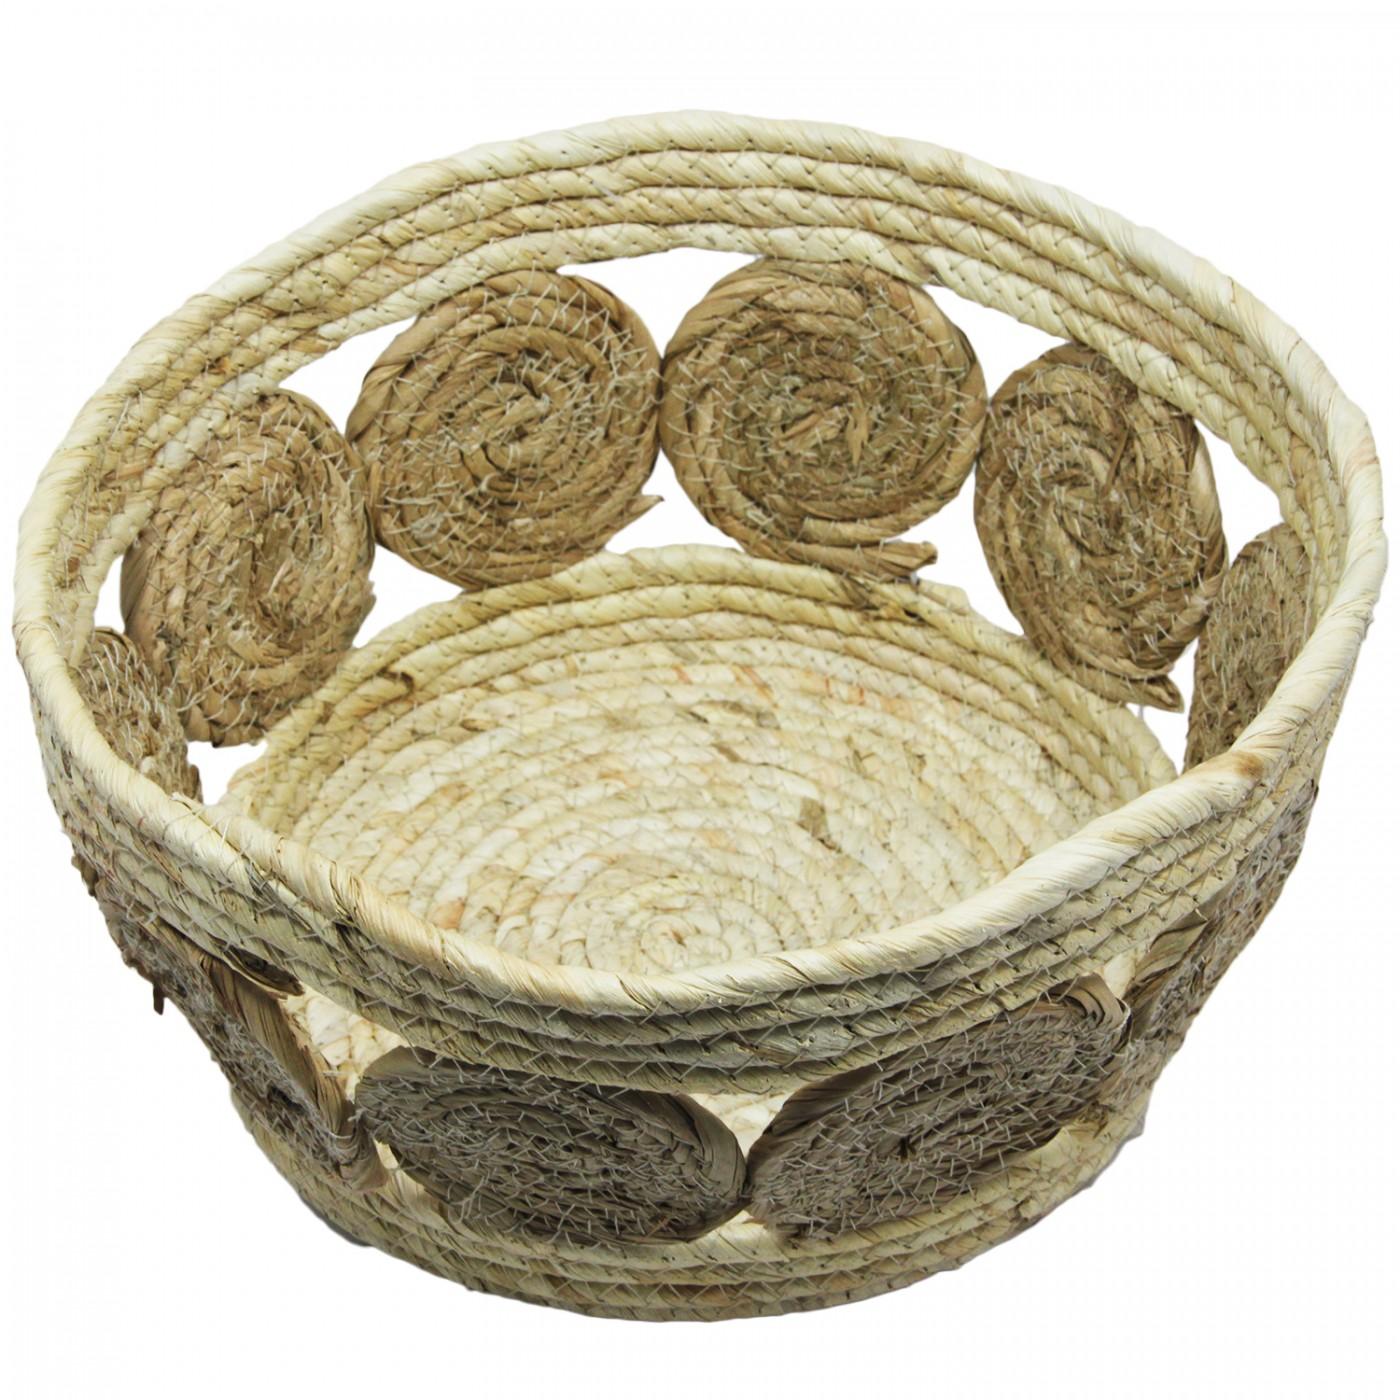 Kosz pleciony boho jutowy rustykalny - donica osłona pojemnik - średni